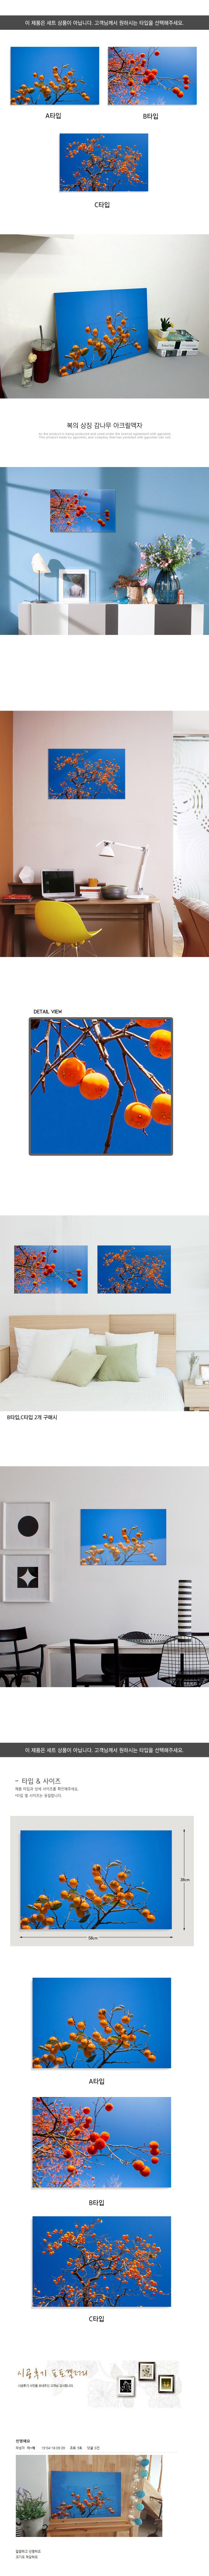 아크릴액자_복의상징감나무 - 꾸밈, 33,600원, 홈갤러리, 사진아트